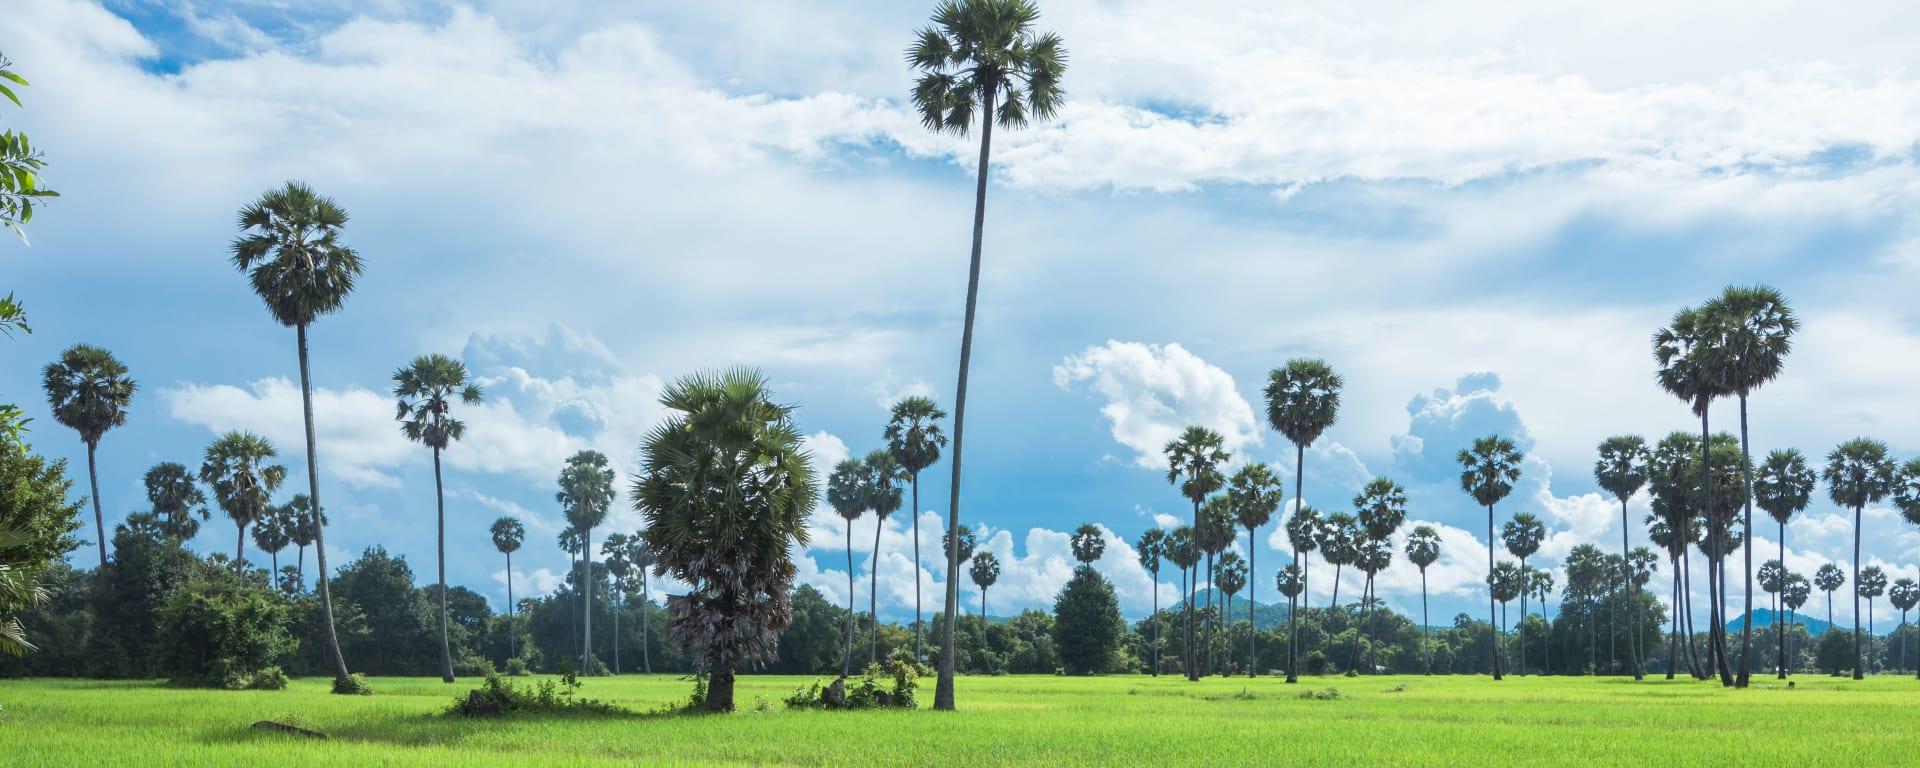 Kambodscha entdecken mit Tischler Reisen: Kambodscha Landschaft Feld mit Palmen